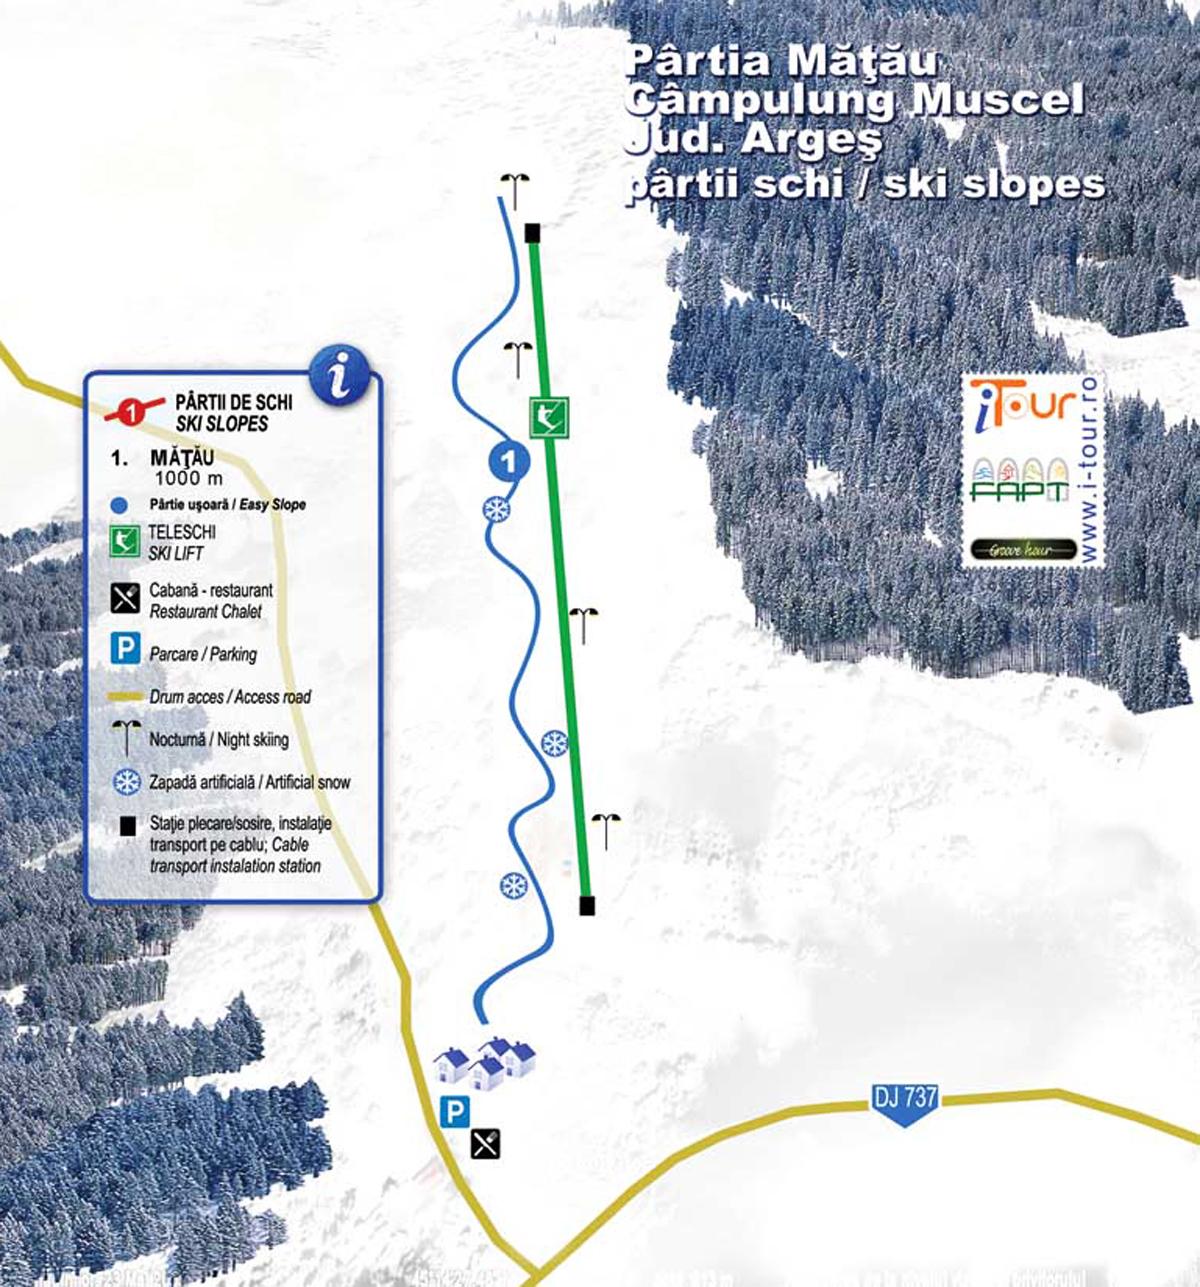 Harta-partie-ski-Matau-Campulung-Arges